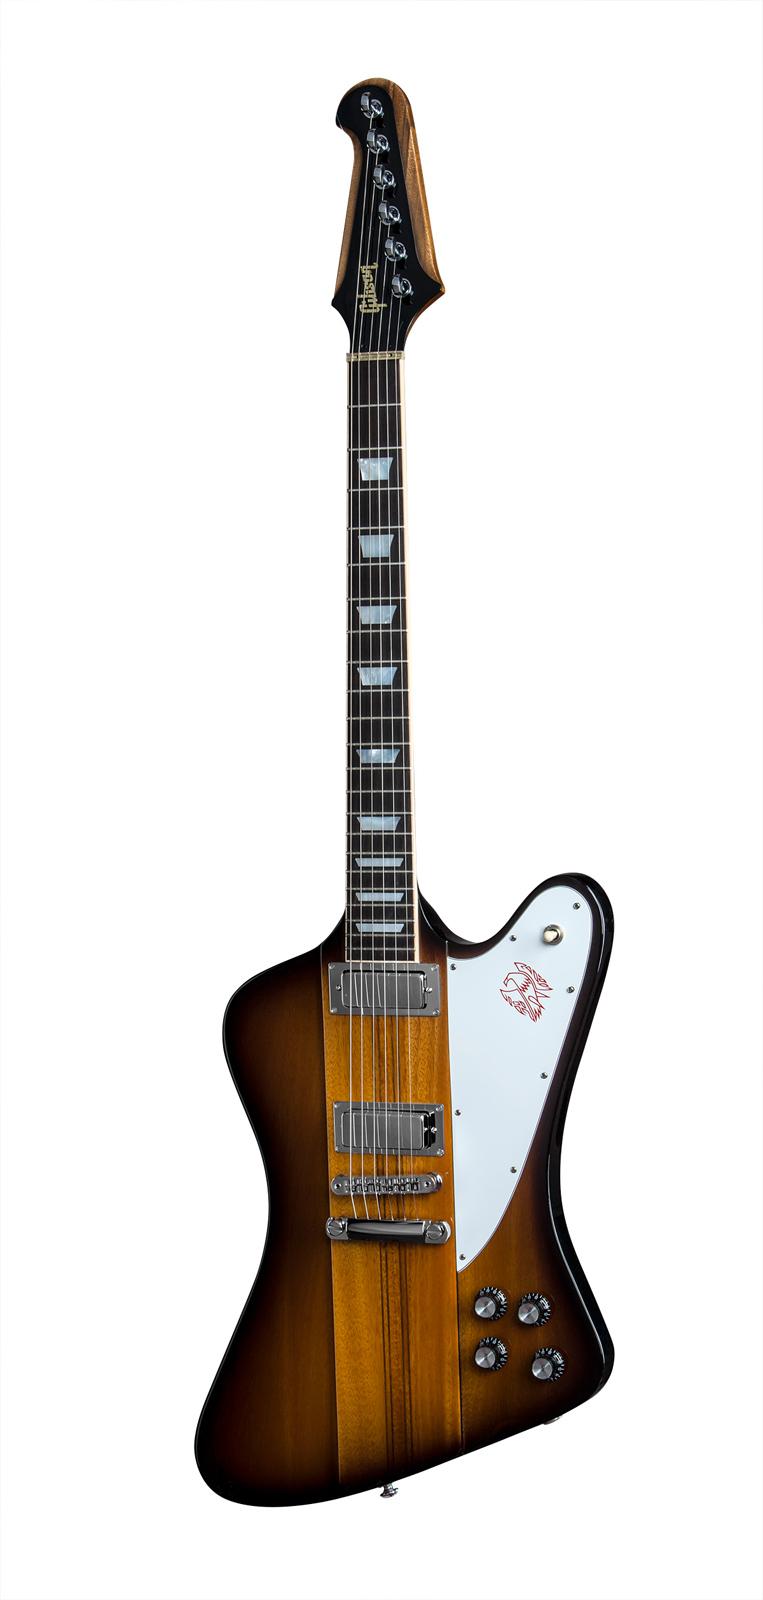 Gibson Firebird 2015 Vintage Sunburst + Etui